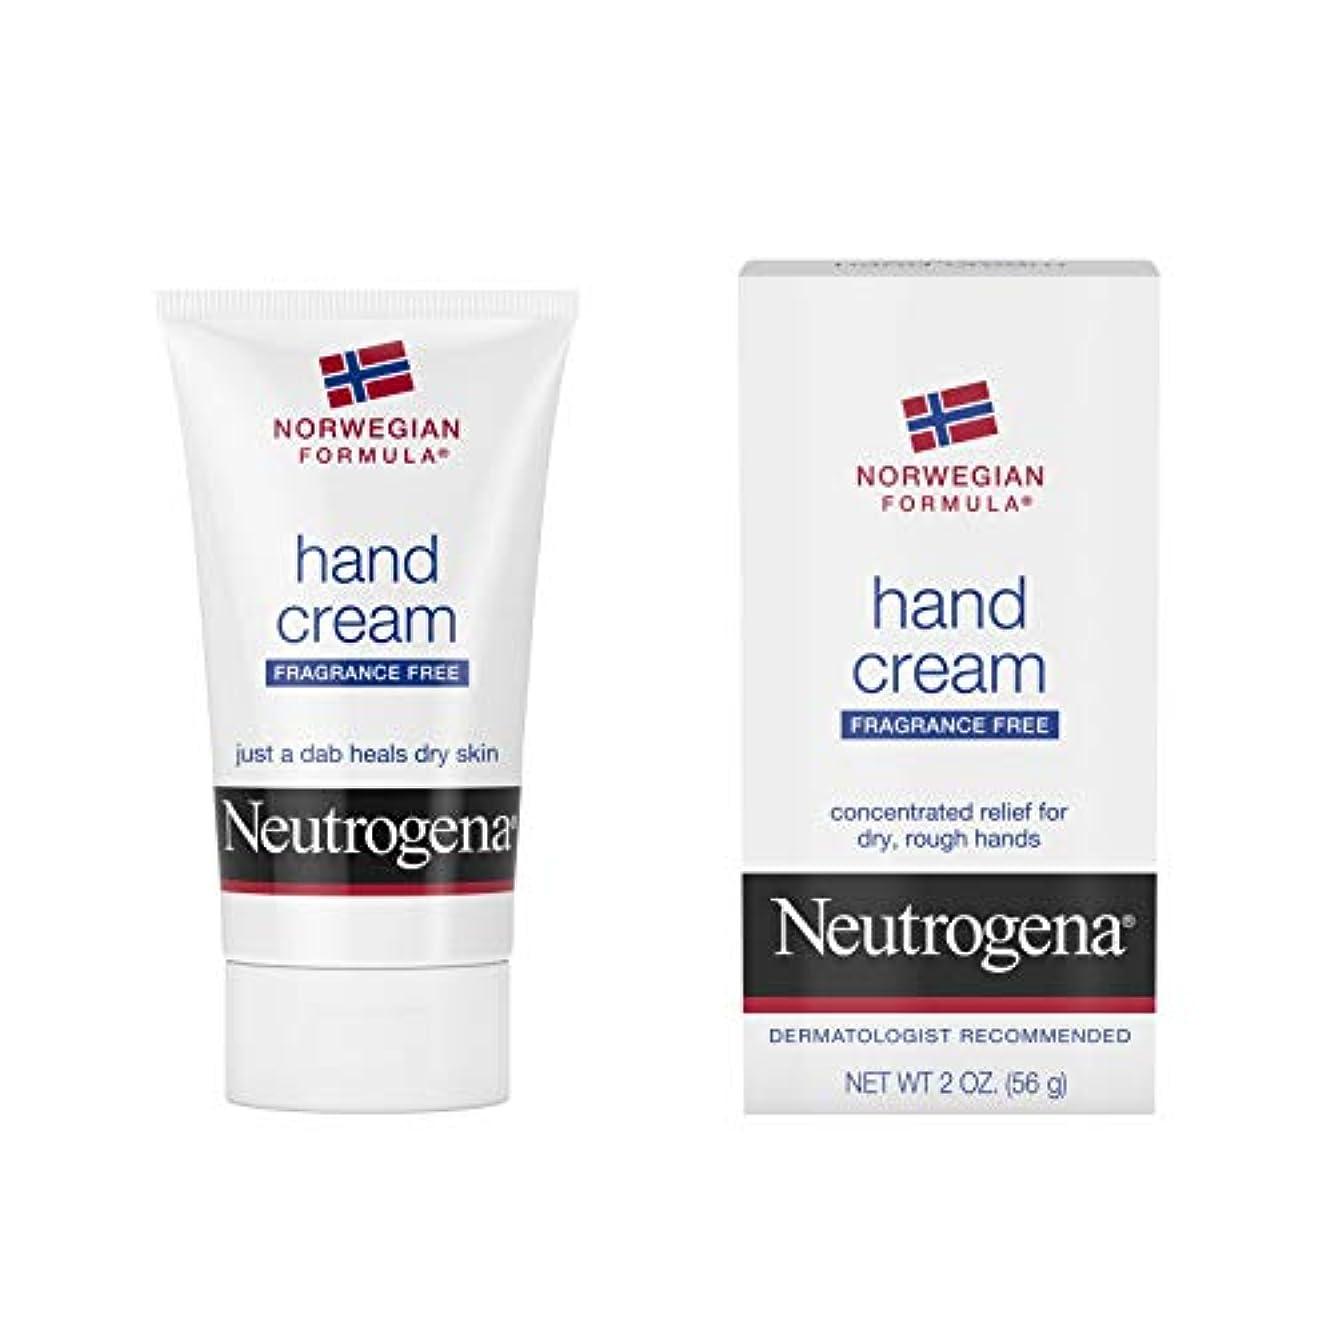 カウントアップローン明日Neutrogena Norwegian Formula Hand Cream Fragrance-Free 60 ml (並行輸入品)